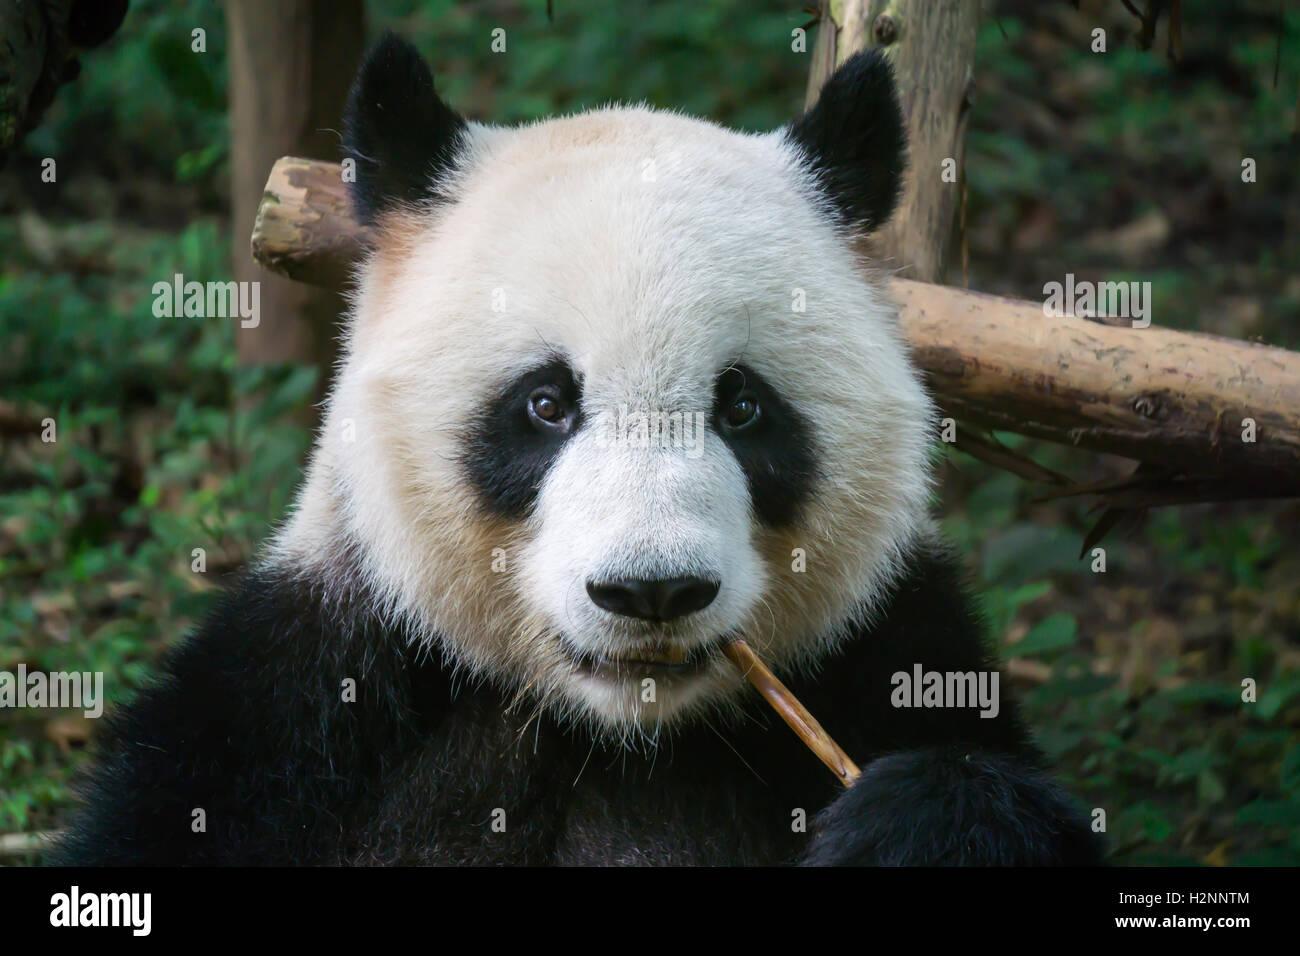 Giant panda eating panda - Stock Image